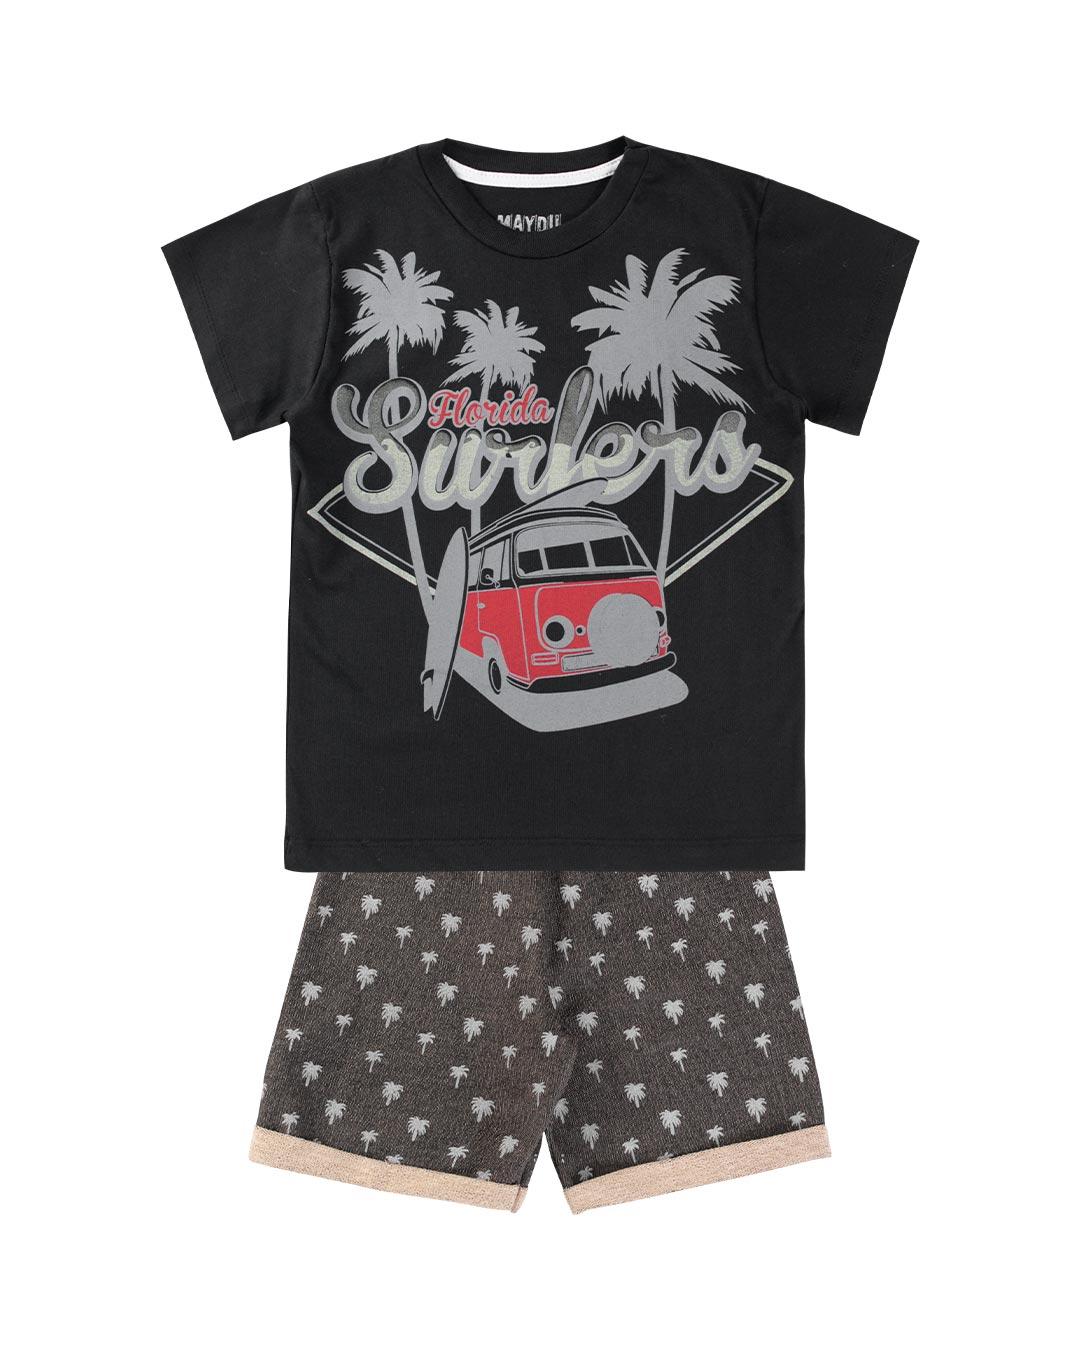 Conjunto Infantil Florida Surfers - Maydu Kids